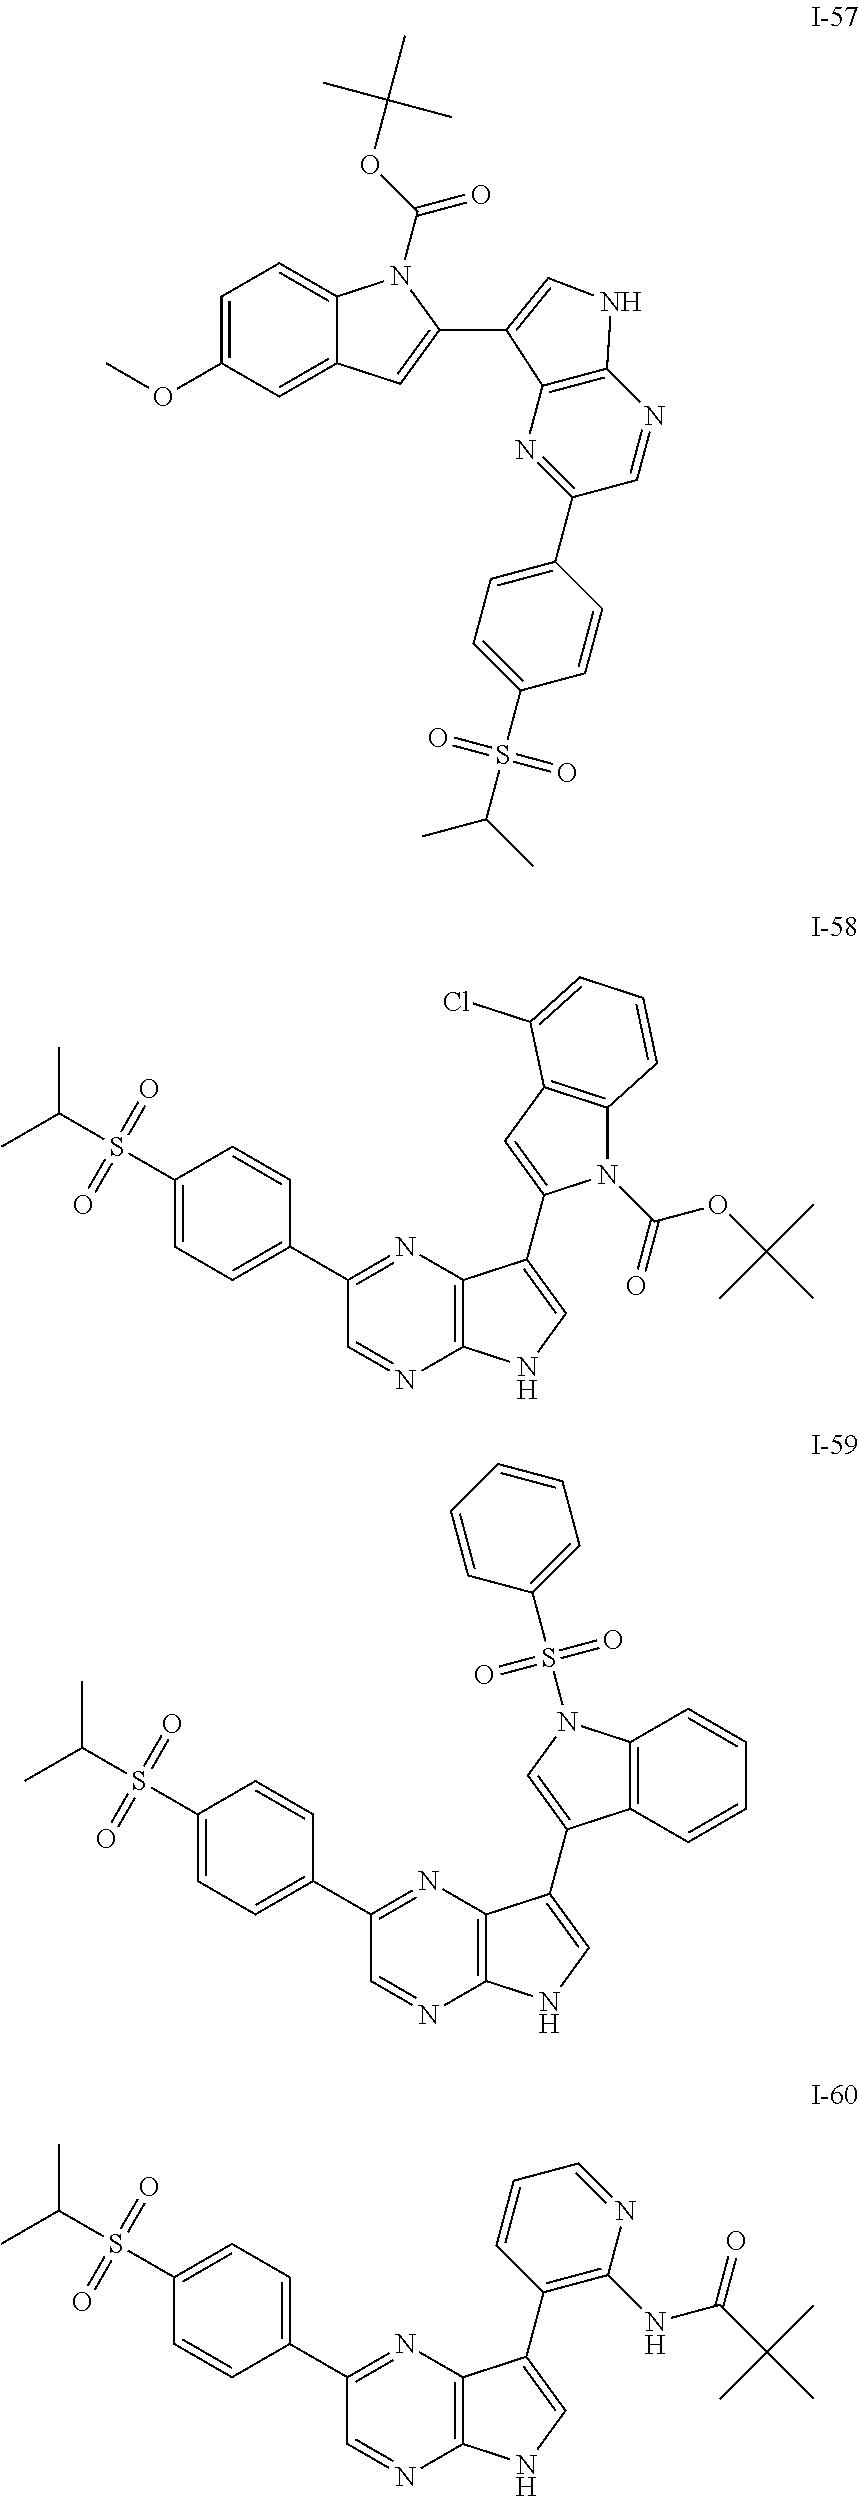 Figure US20120046295A1-20120223-C00169